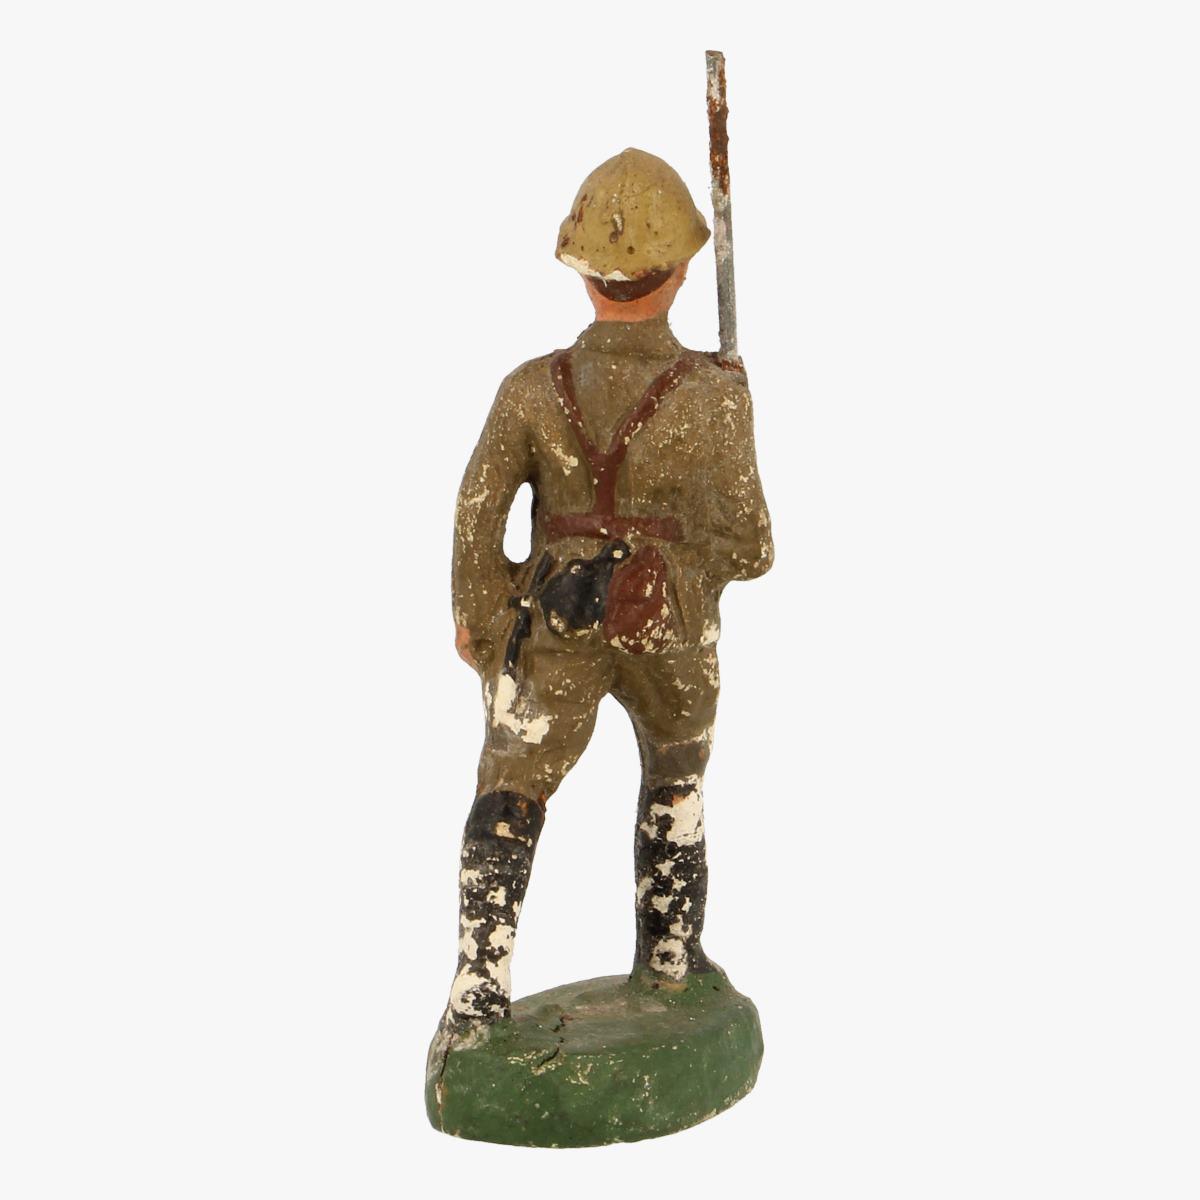 Afbeeldingen van elastolin soldaatjes fabrication belge